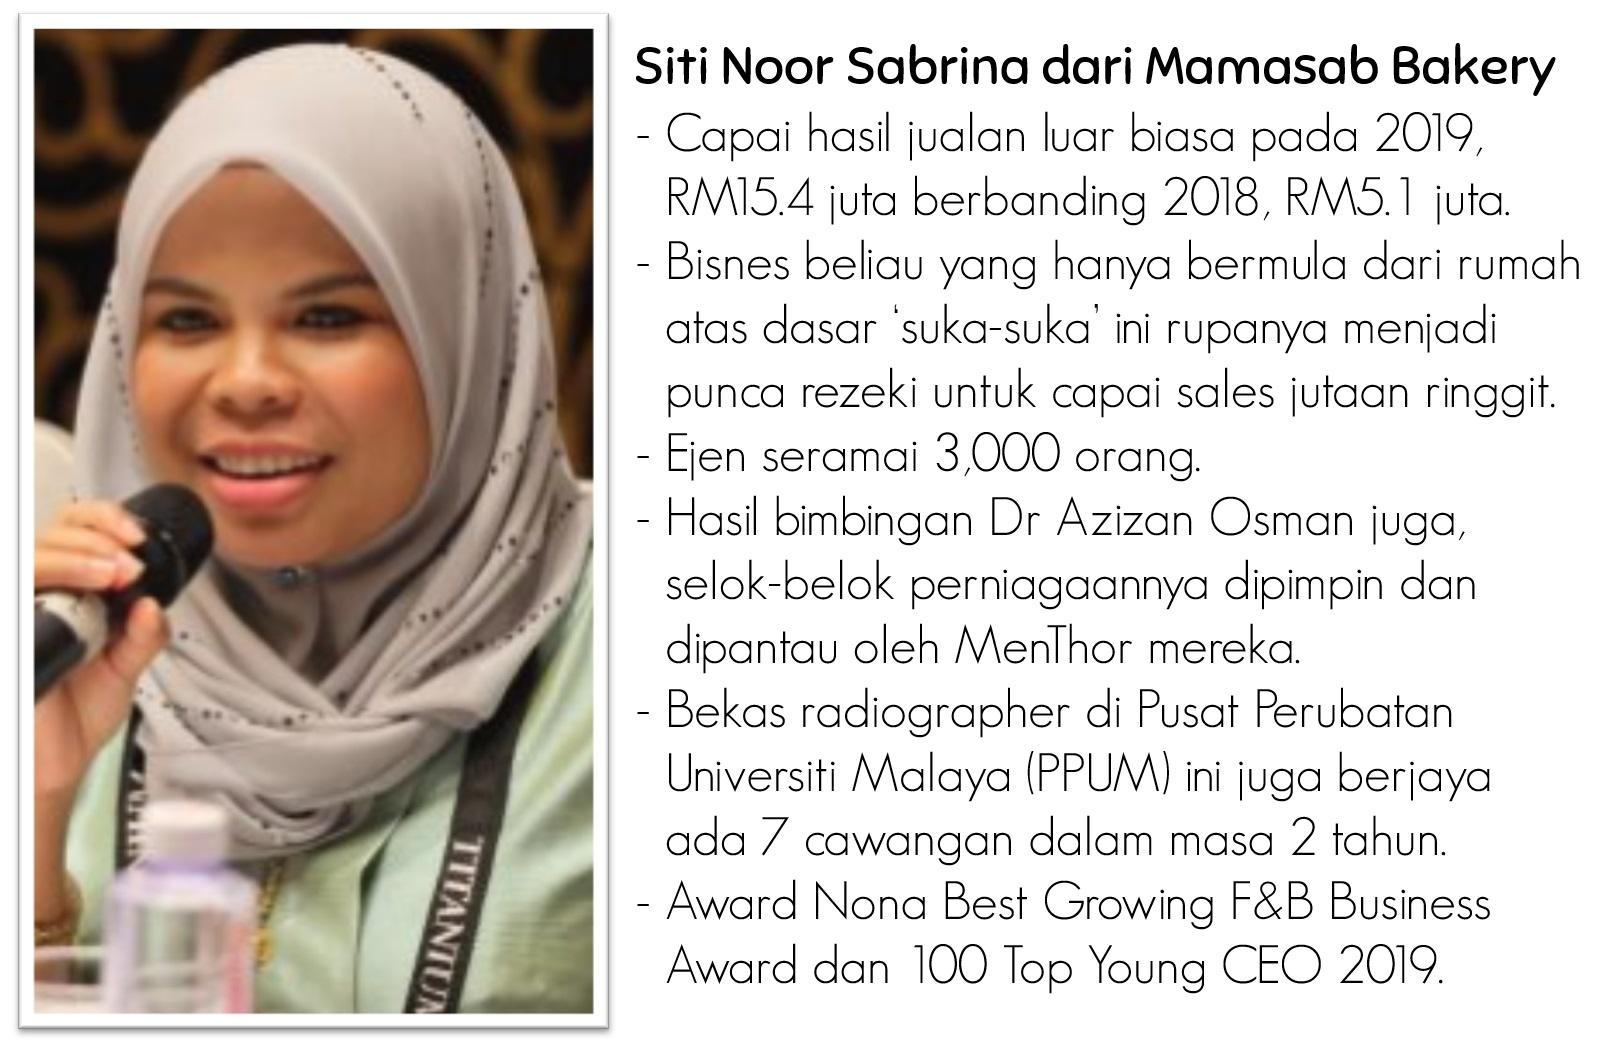 Siti Noor Sabrina dari Mamasab Bakery  Beliau menjalankan perniagaan membuat kek sahaja telah mencapai hasil jualan luar biasa pada tahun 2019, RM15.4 juta berbanding 2018, RM5.1 juta. Bisnes beliau yang hanya bermula dari rumah atas dasar 'suka-suka' ini rupanya menjadi punca rezeki untuk beliau capai sales jutaan ringgit. Kini beliau mempunyai ejen seramai 3,000 orang. Hasil bimbingan Dr Azizan Osman juga, perniagaannya lebih terurus dan segala selok-belok perniagaannya dipimpin dan dipantau oleh MenThor mereka. Bekas radiographer di Pusat Perubatan Universiti Malaya (PPUM) ini juga berjaya dalam masa 2 tahun dah ada 7 cawangan. Malah beliau turut menerima award Nona Best Growing F&B Business Award dan 100 Top Young CEO 2019.